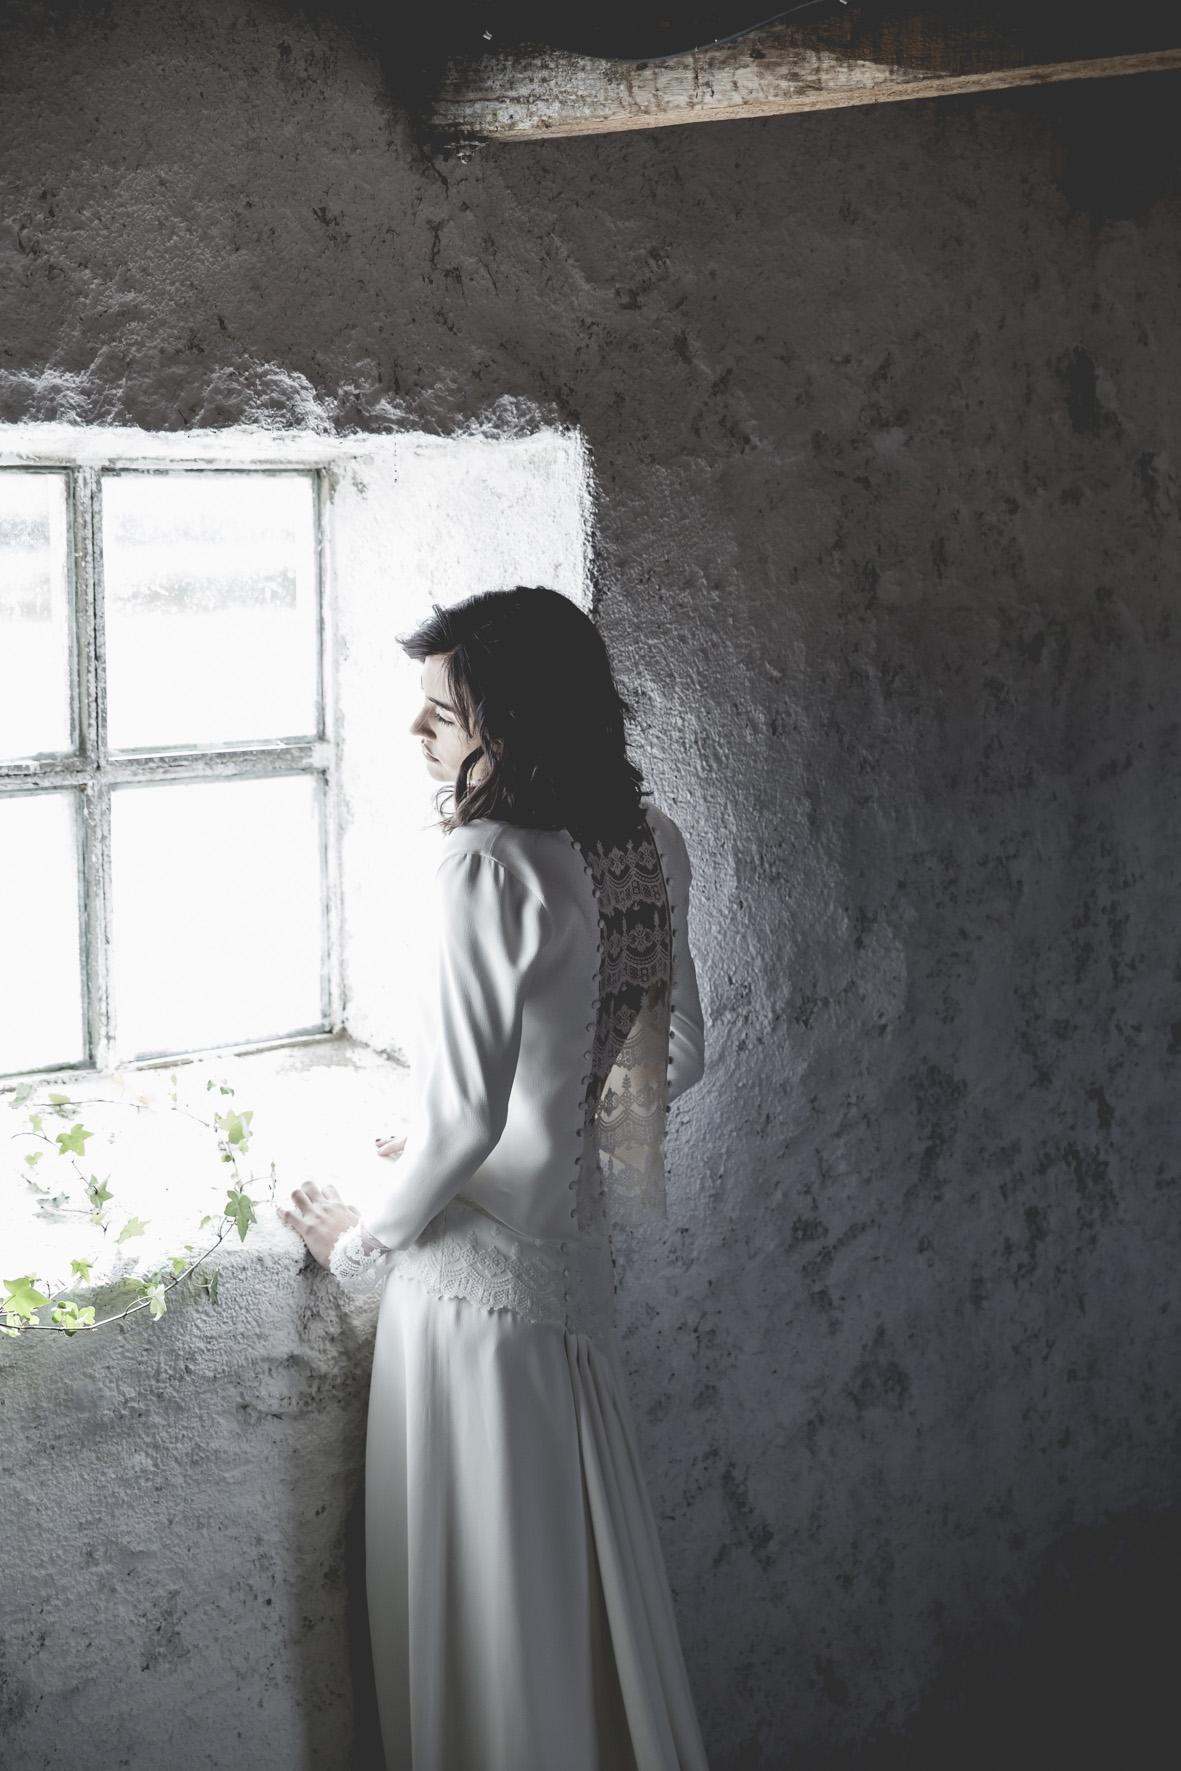 alejandra-svarc-patriciasemir15